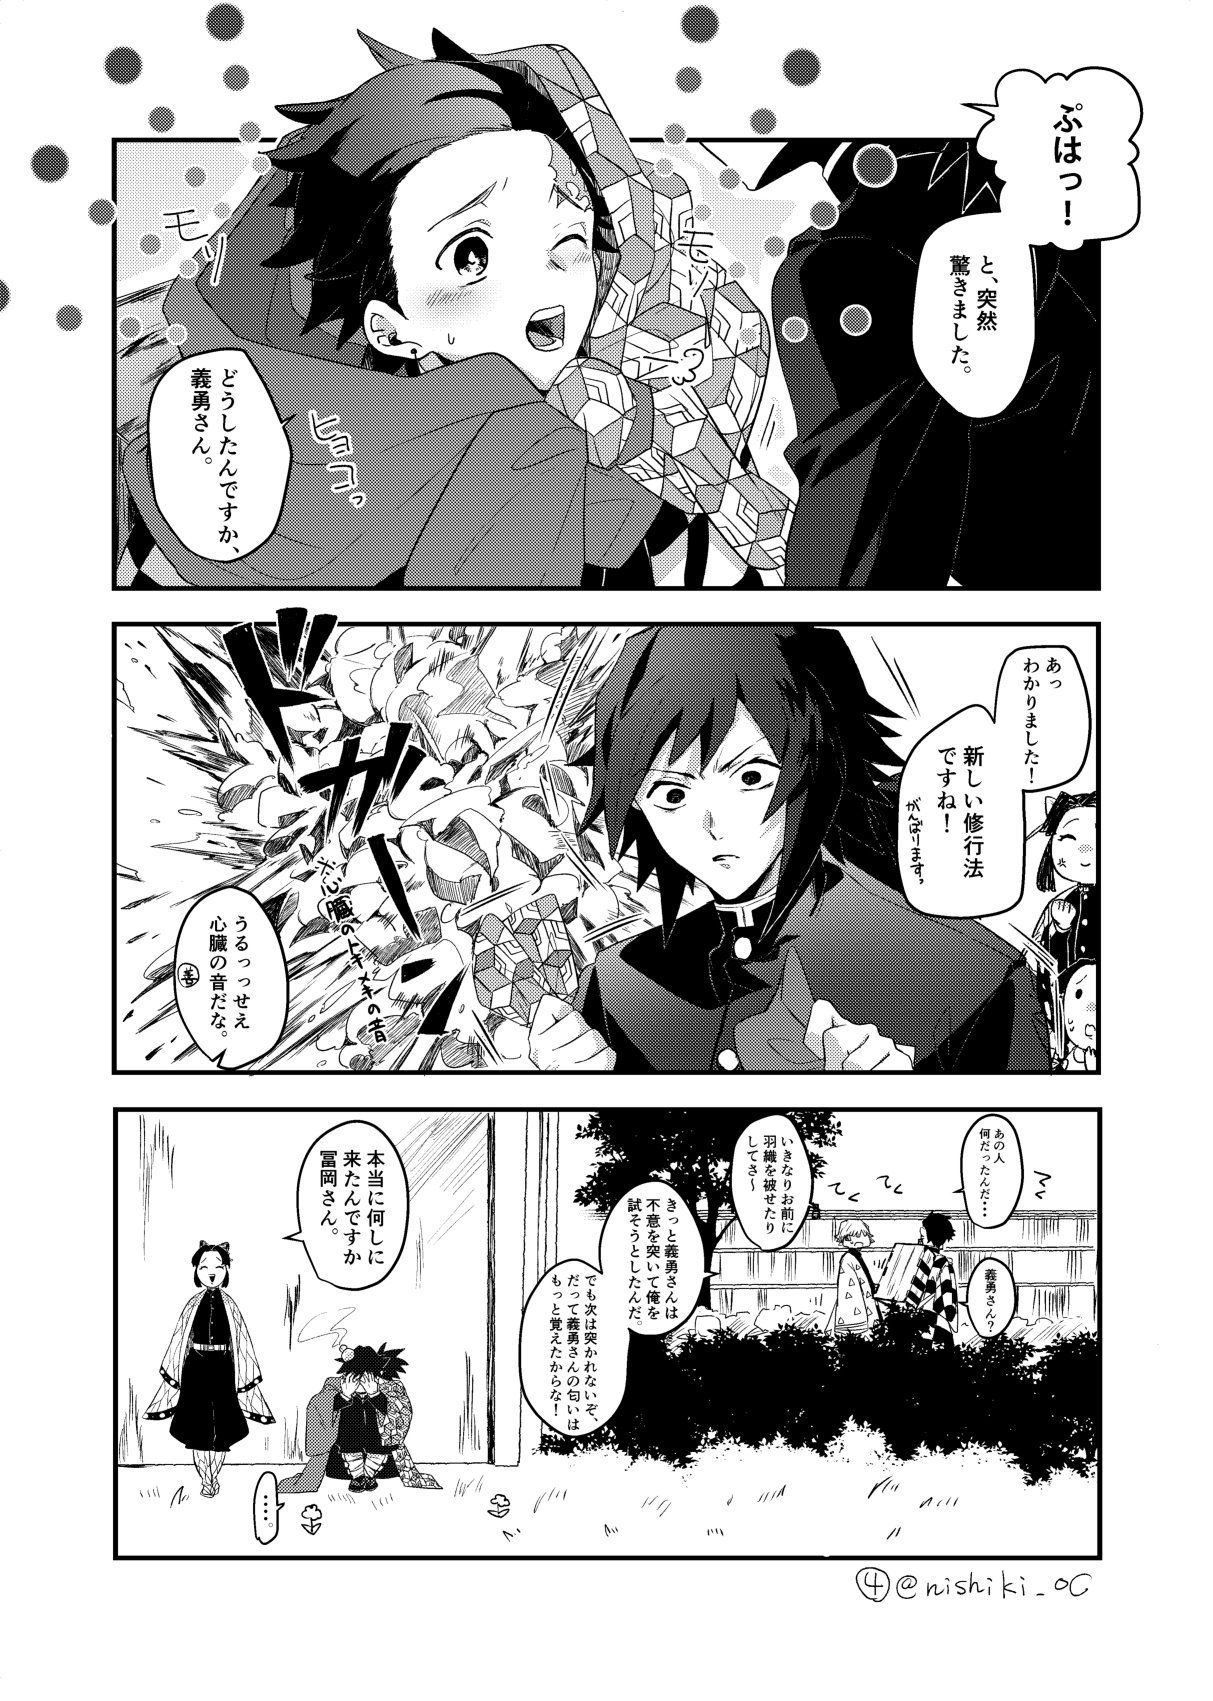 twitter 鬼イラスト アニメ 漫画